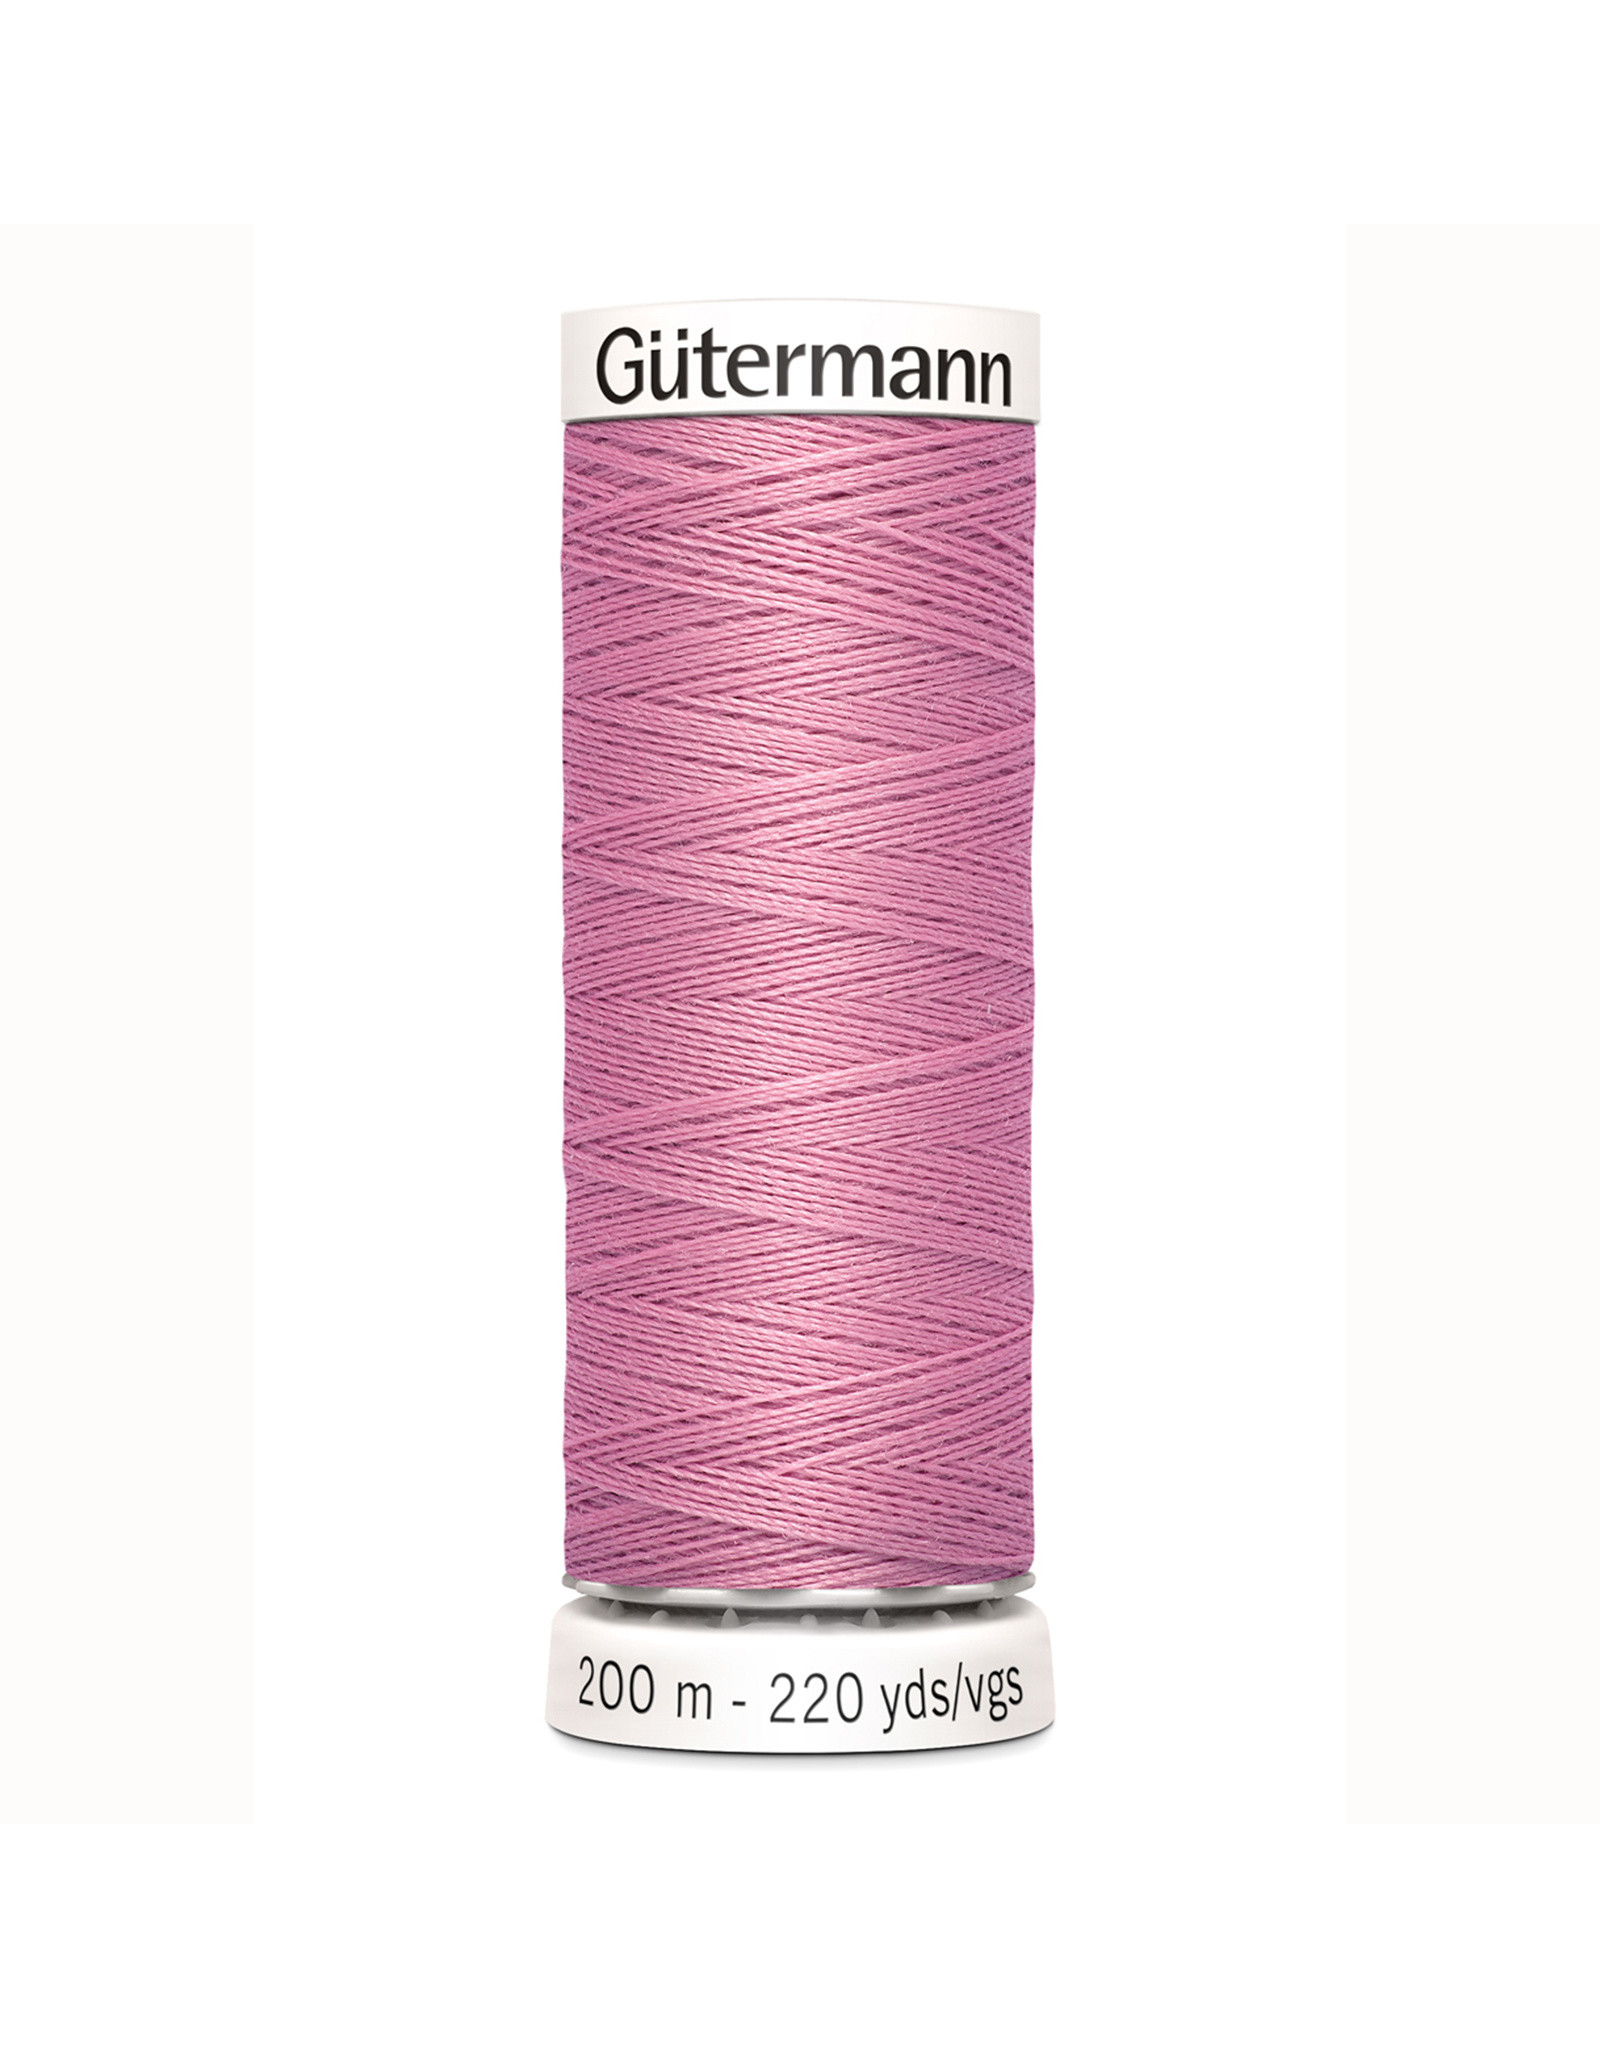 Gütermann Gütermann Nähgarn 200 m - nr 663